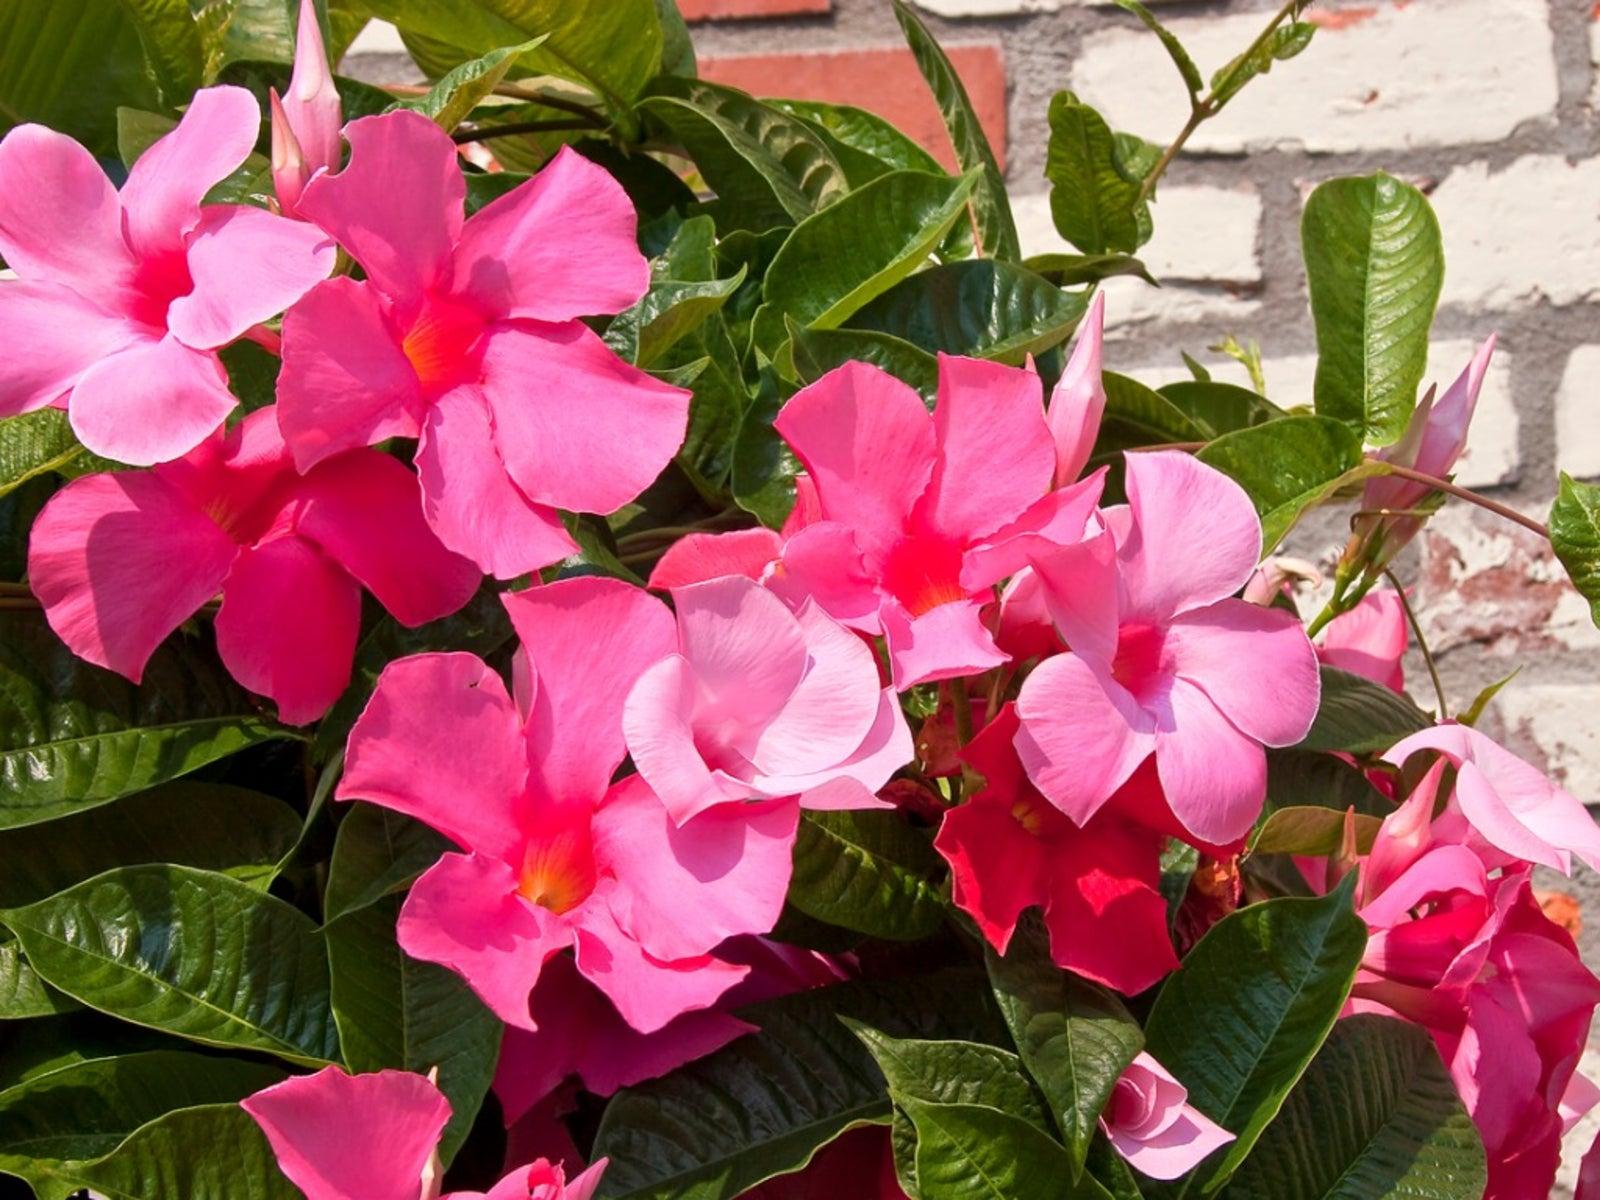 Mandevilla Plant Care - Growing Mandevilla In Your Garden